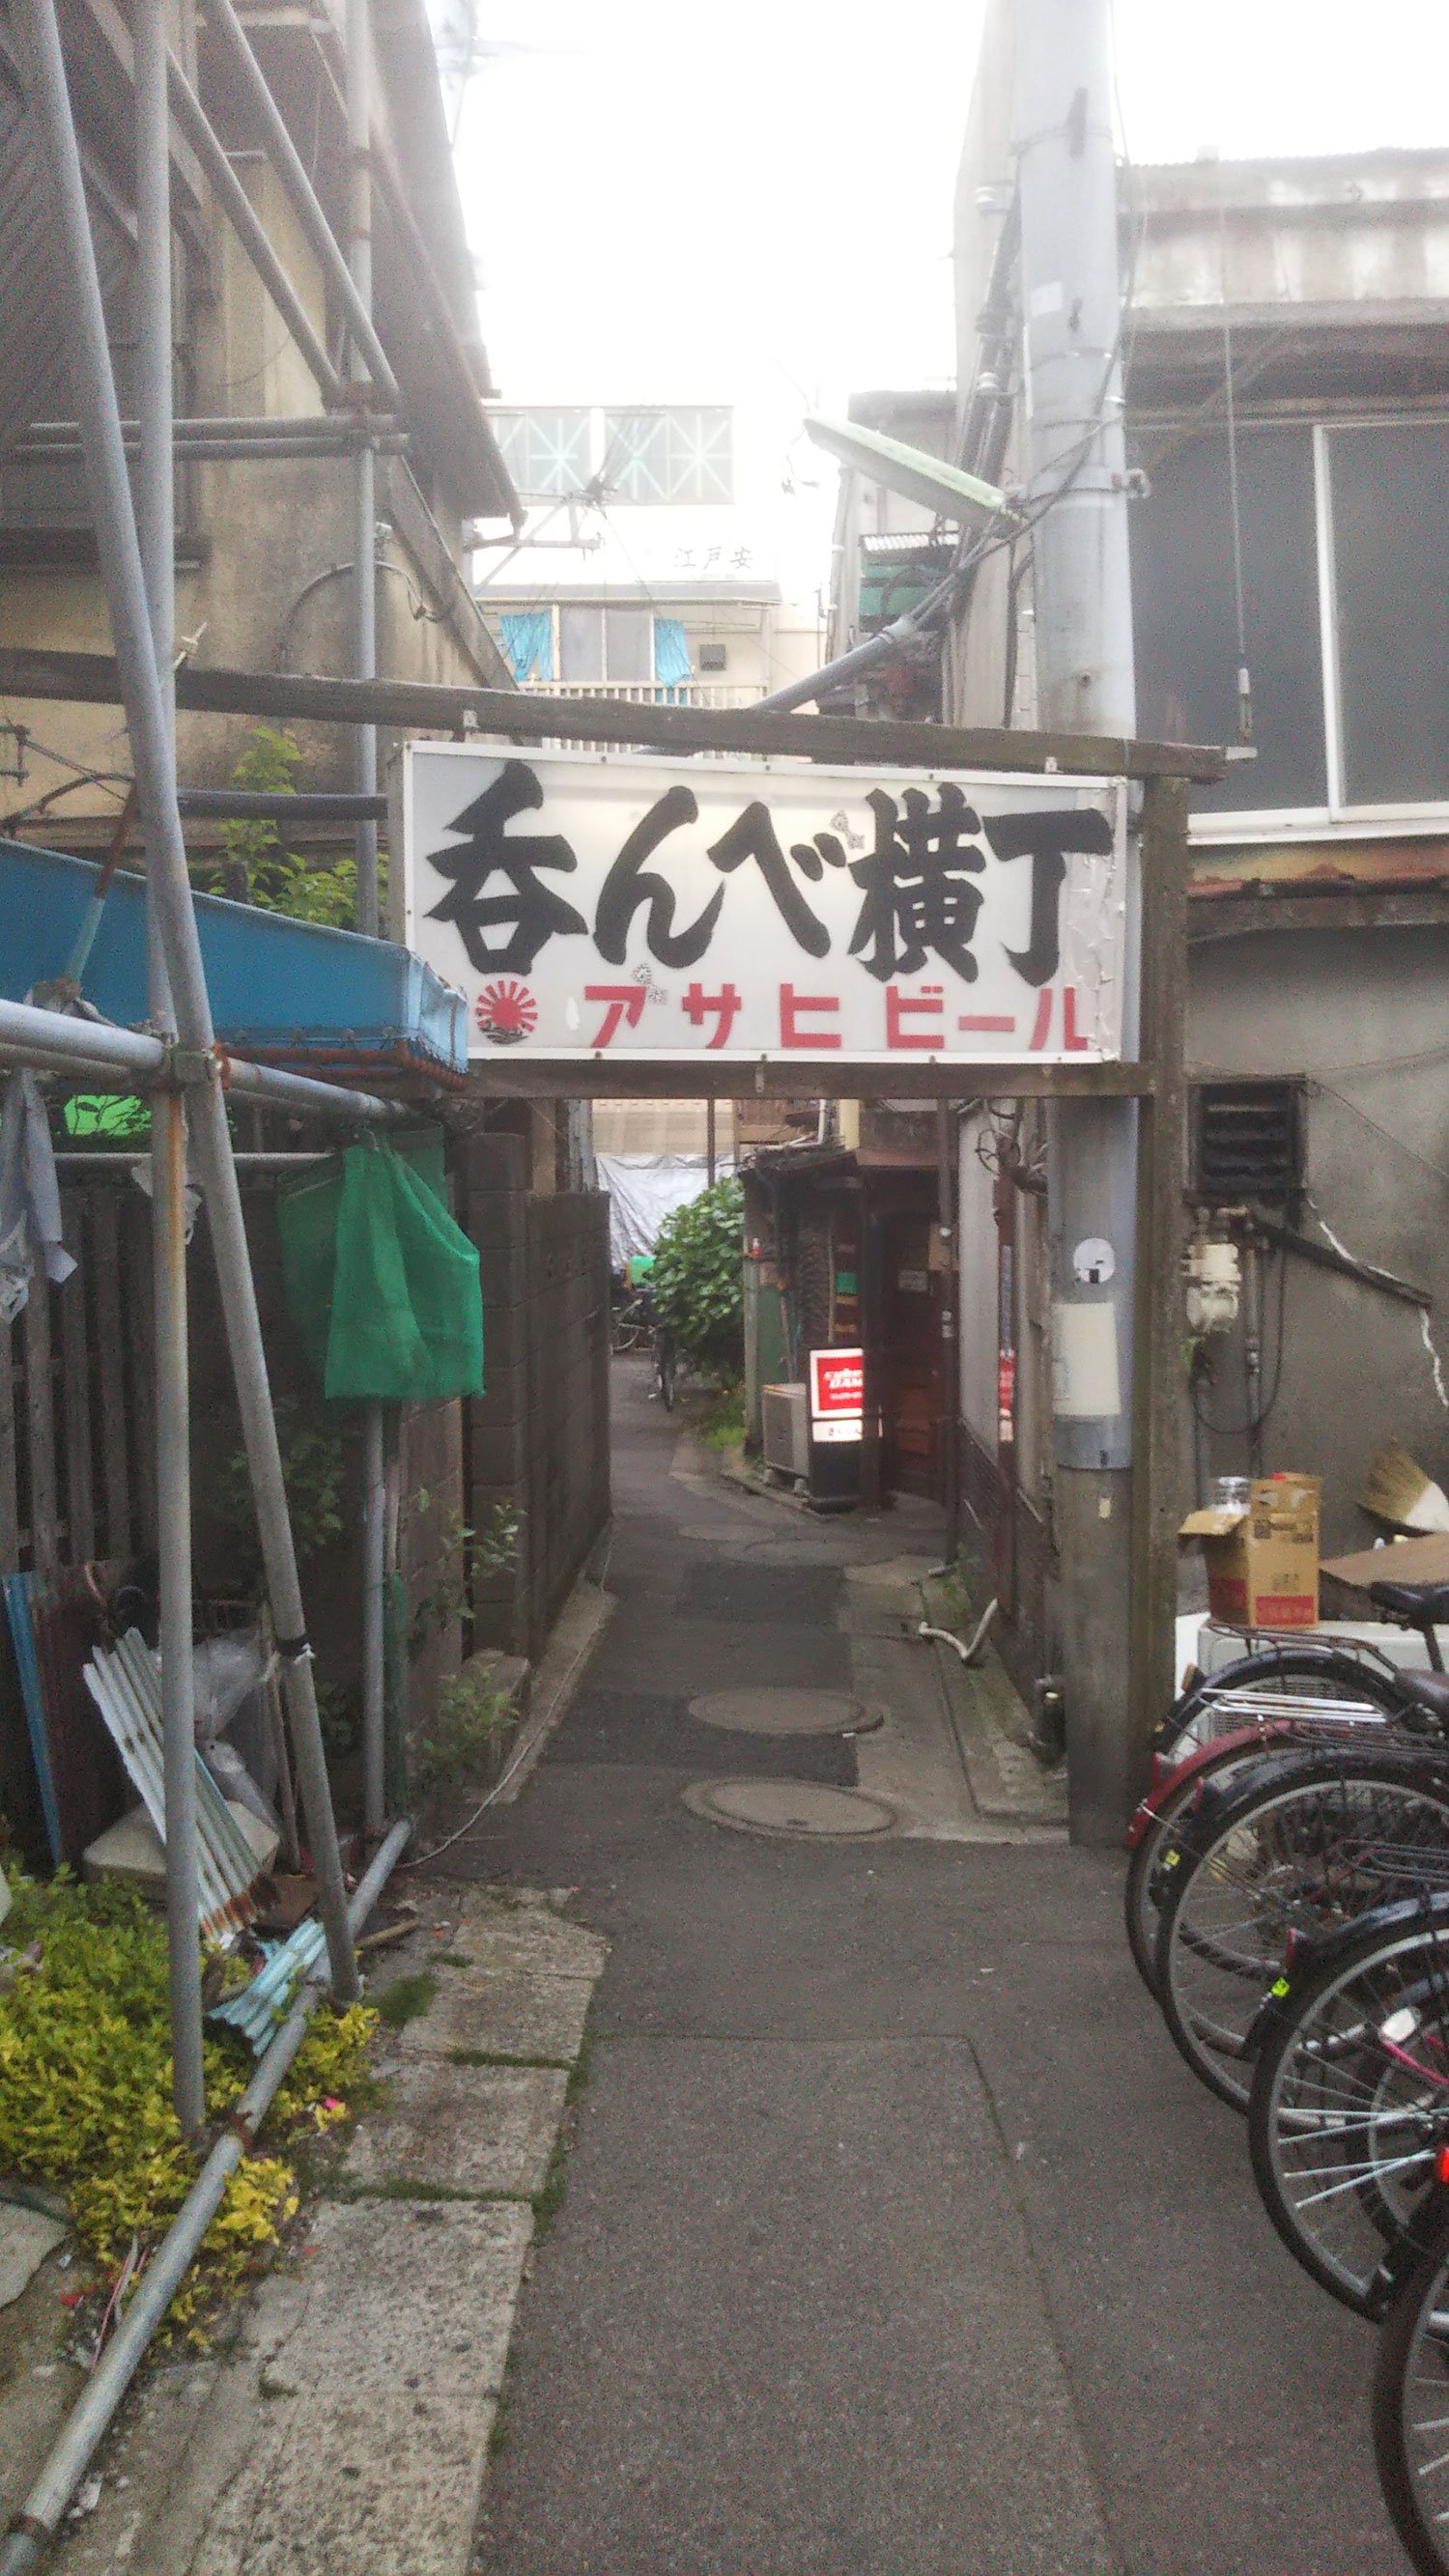 立石駅周辺の飲み屋街。タコ社長の愚痴が聞こえてきそう。「中小企業経営者の苦労がわかってたまるか~」